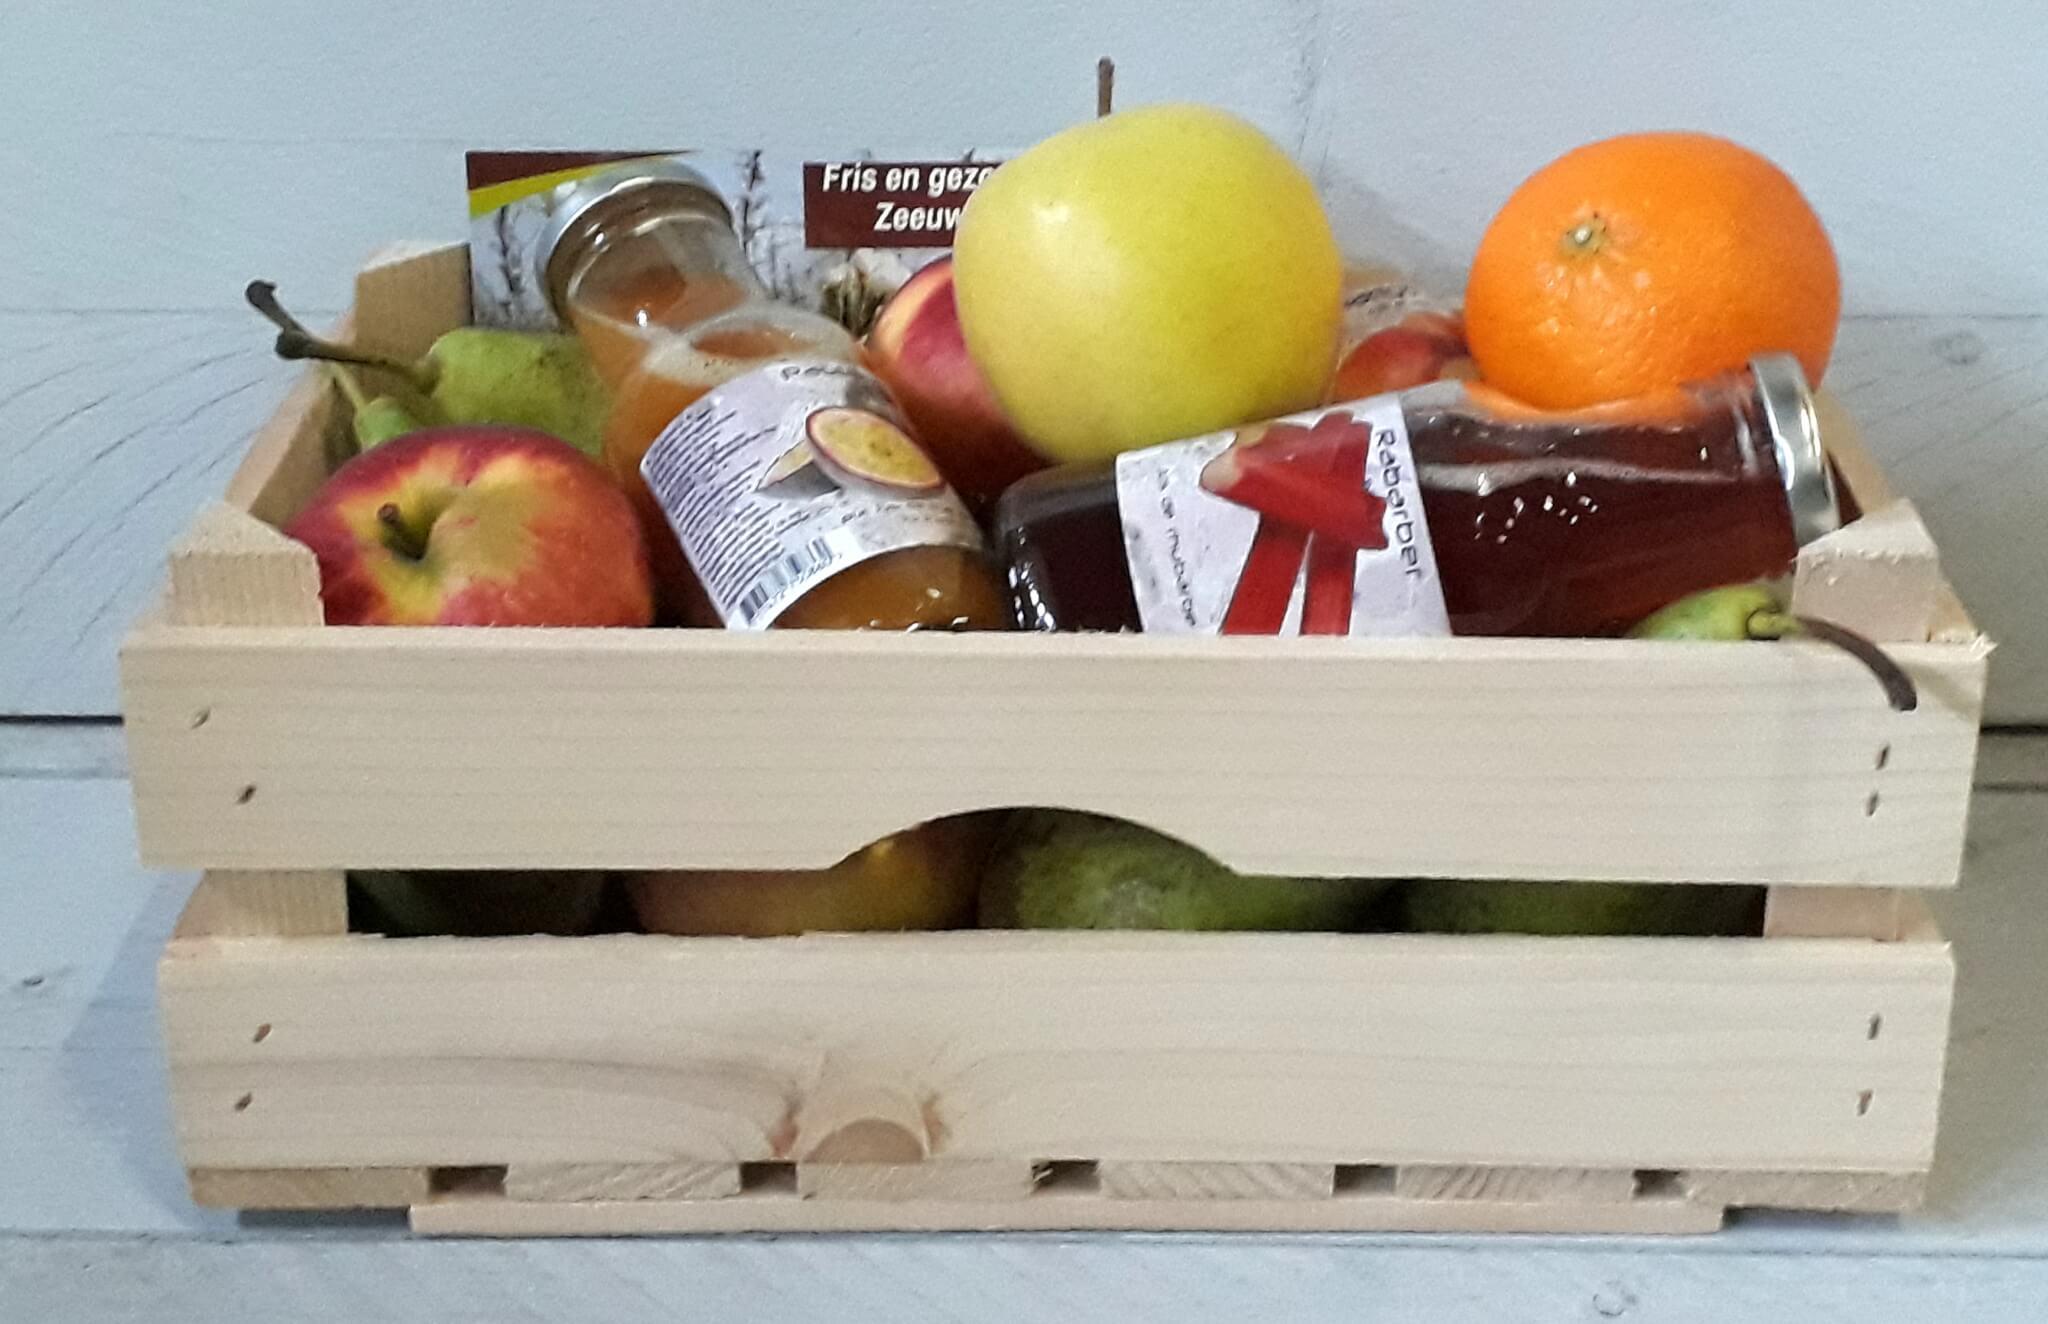 Fruitbedrijf Van den Berge: Fruitkistje met sapjes